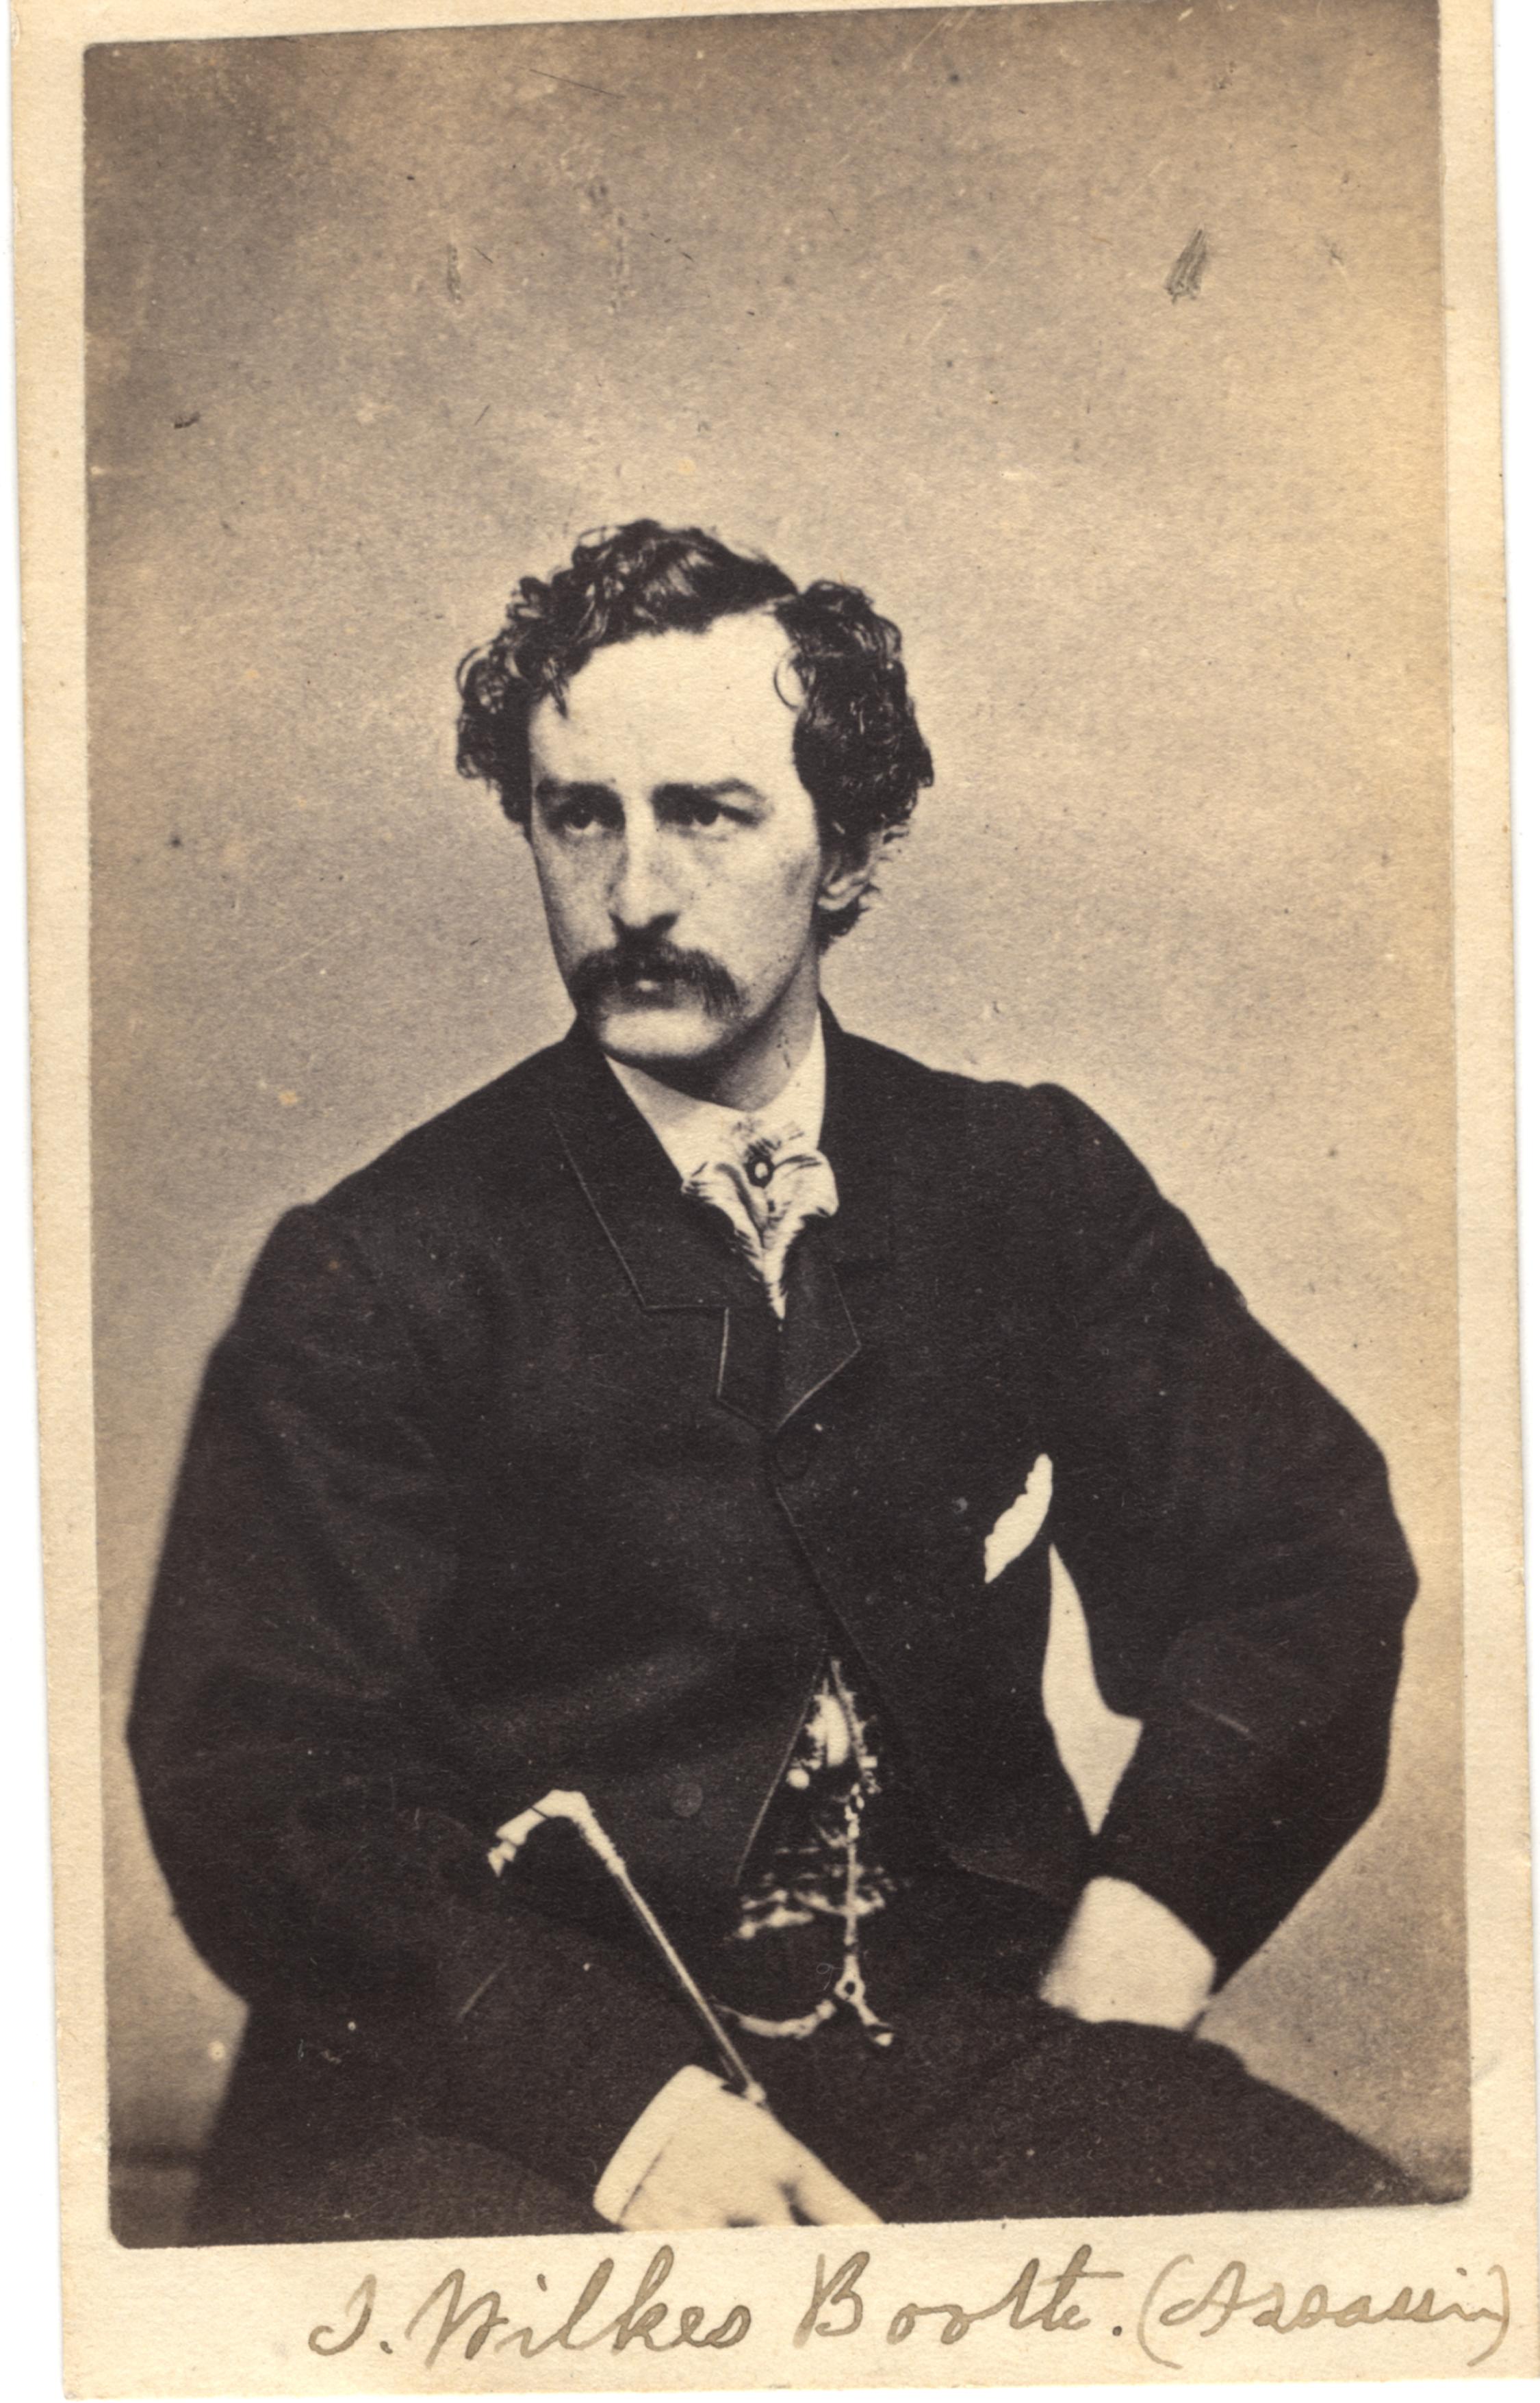 John Wilkes Booth, circa 1860s